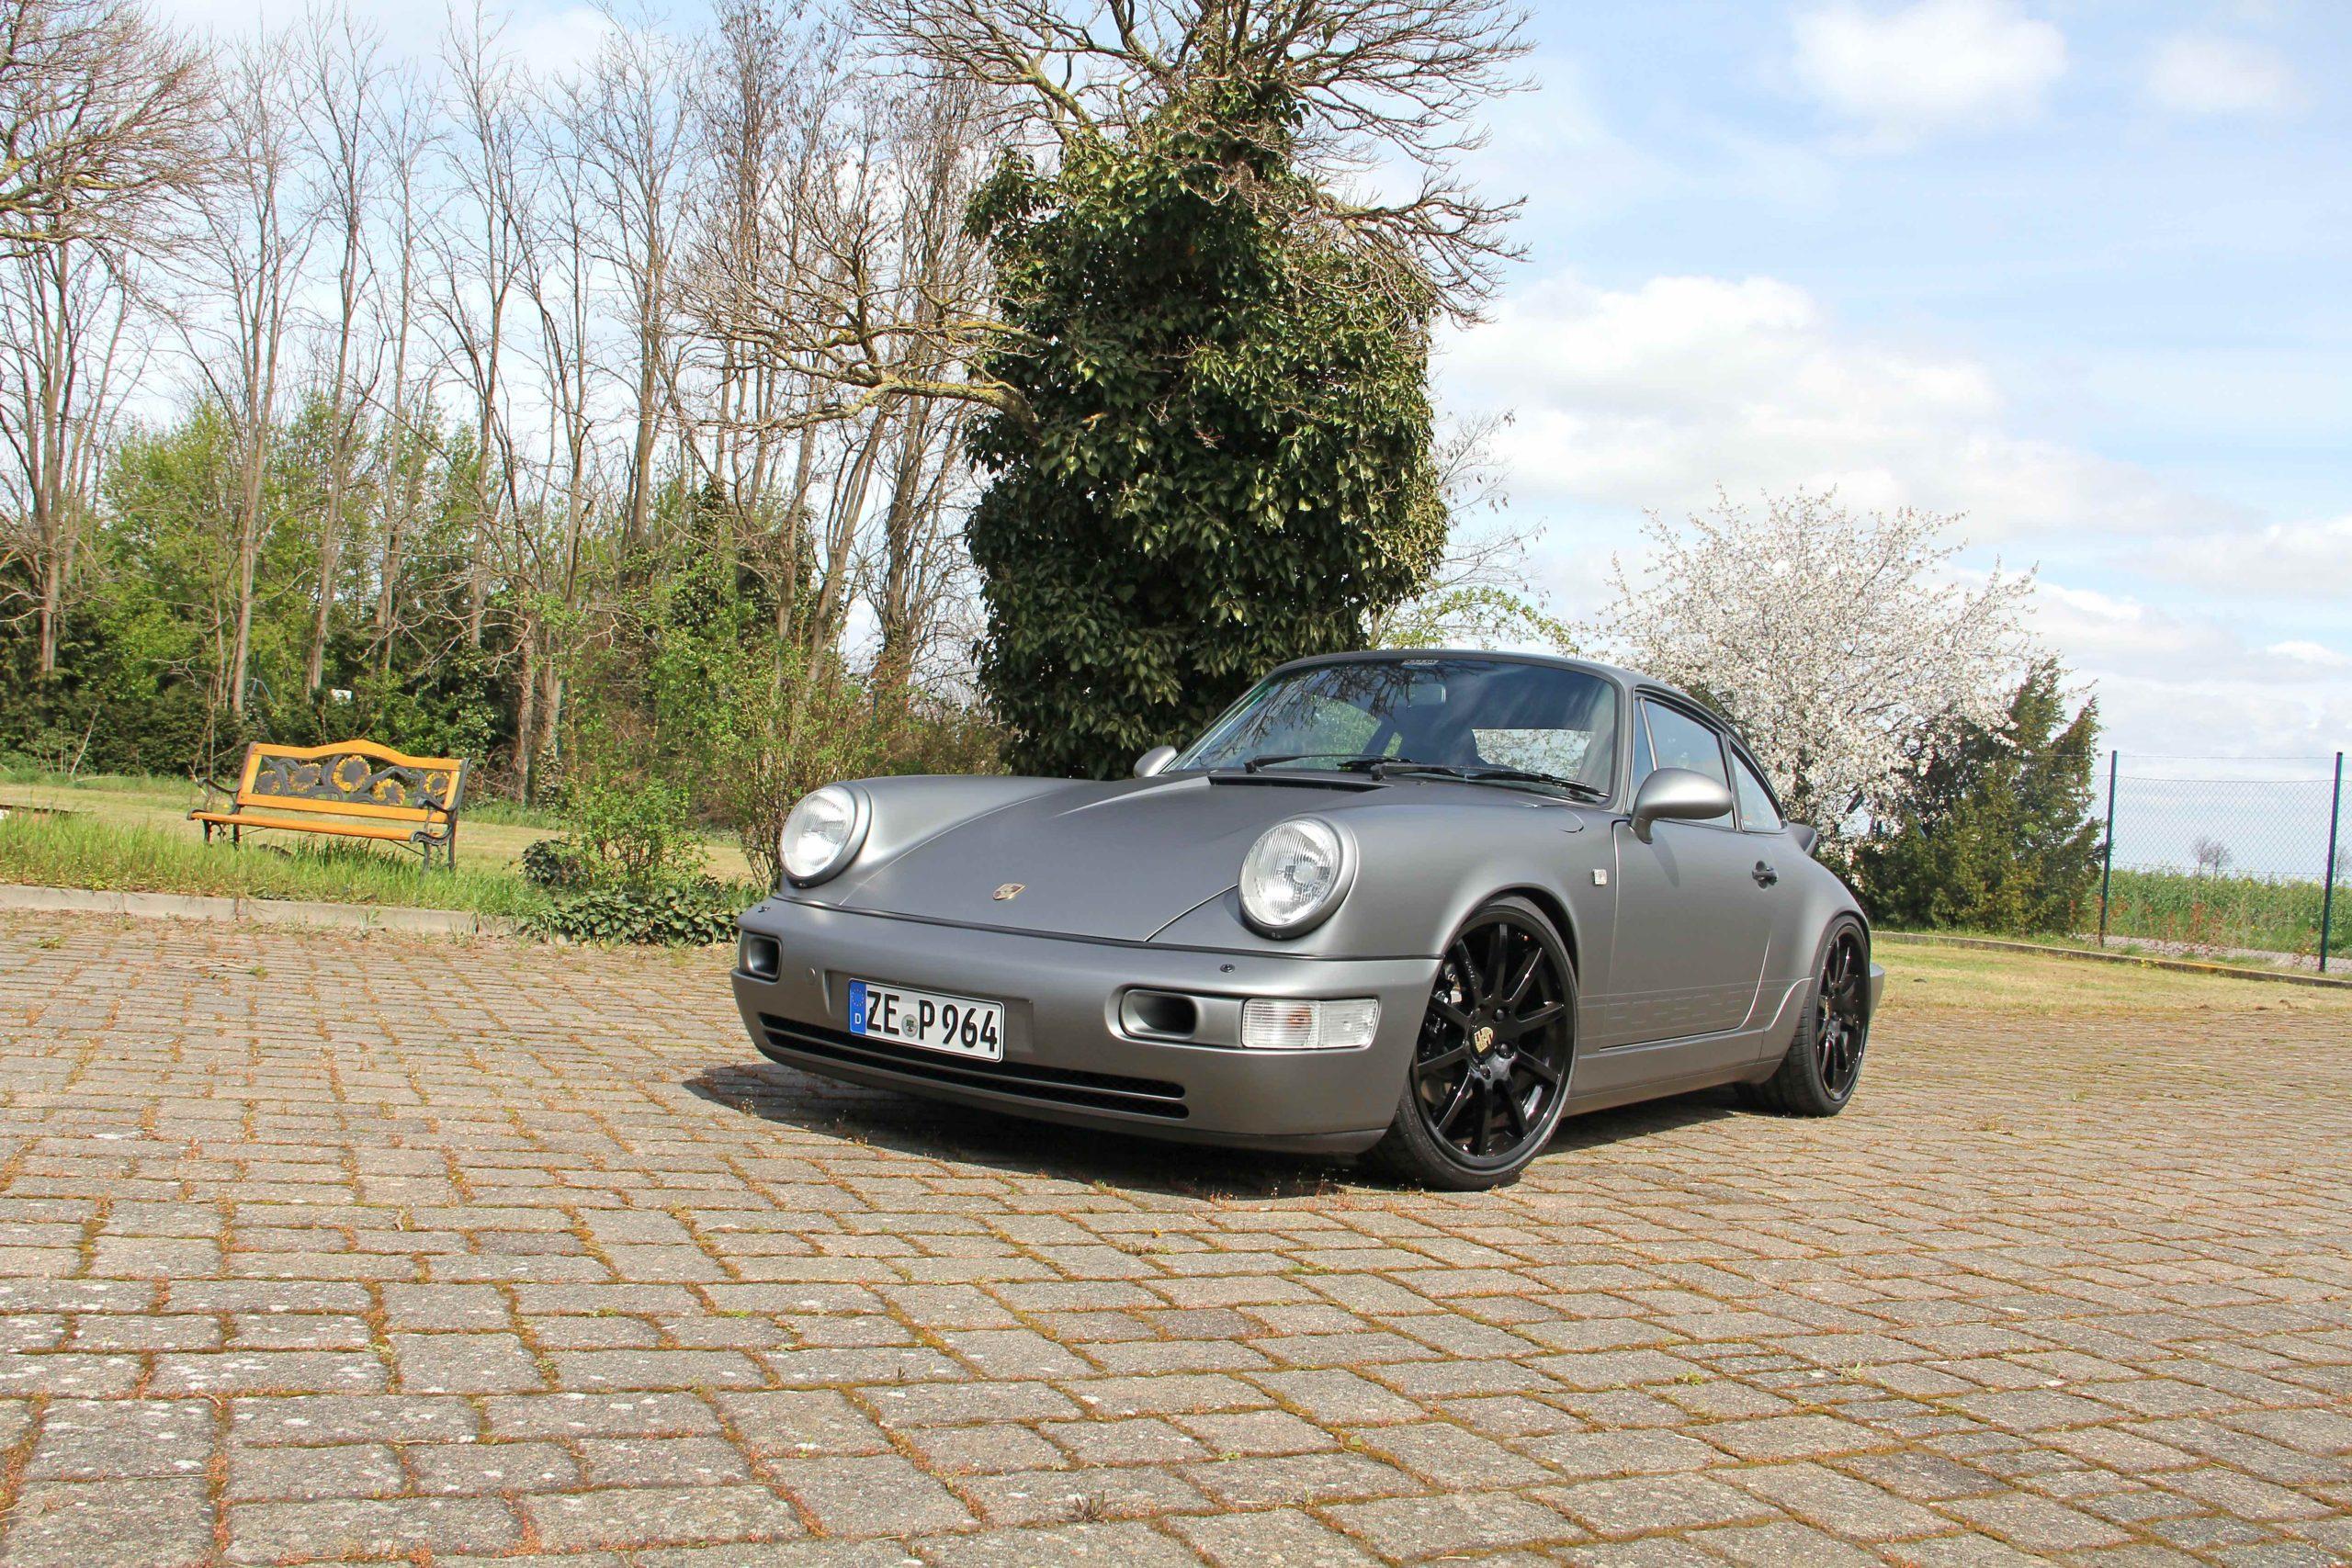 Porsche 911 Carrera 2 von Kaiser 911 / Star-Bug